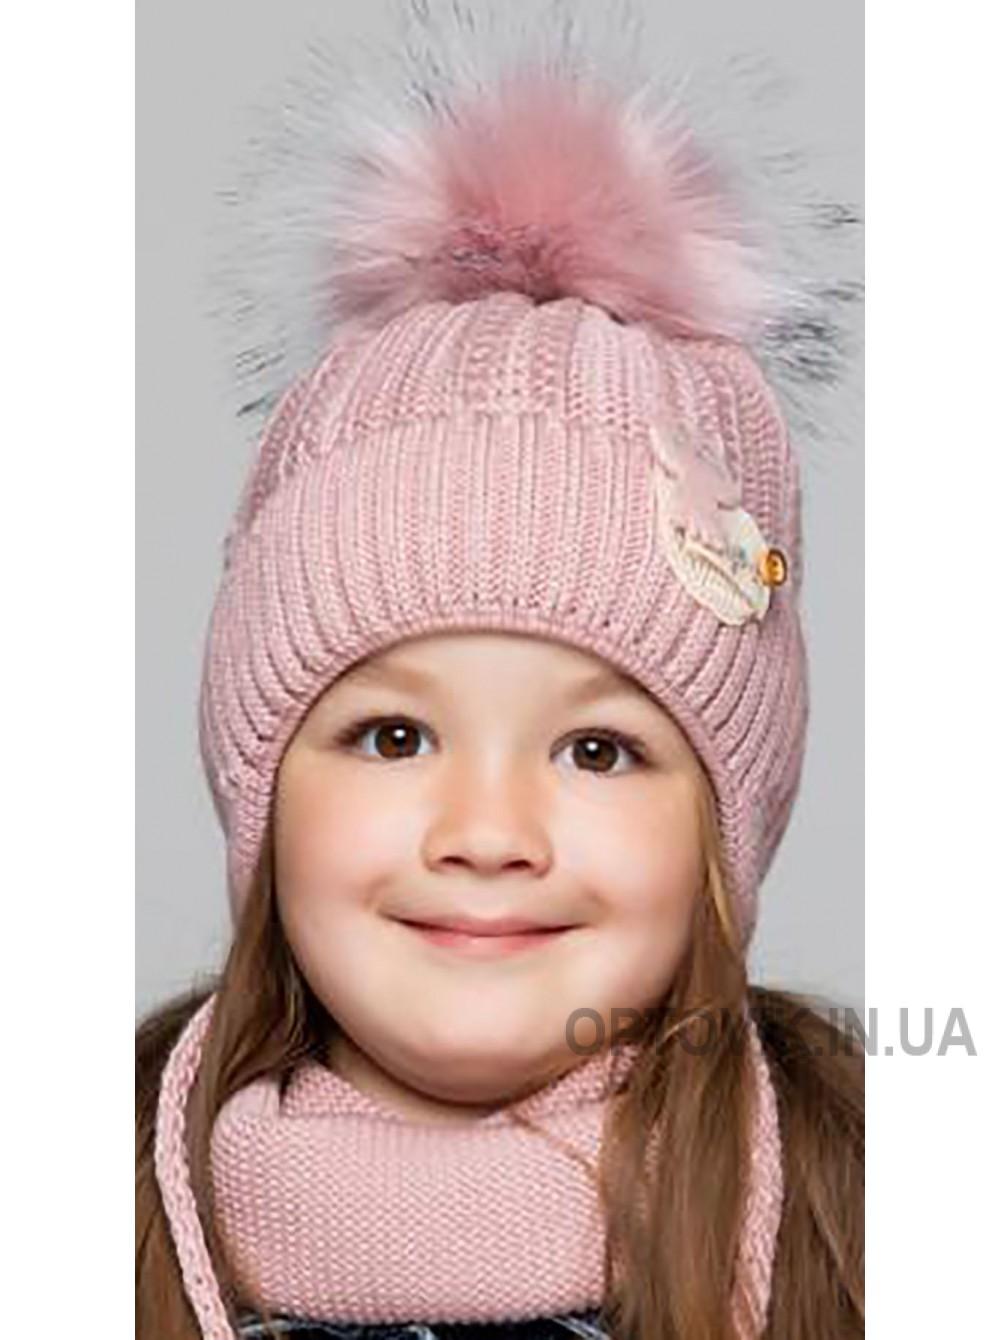 Детская вязаная шапка D622295-46-50 Китти